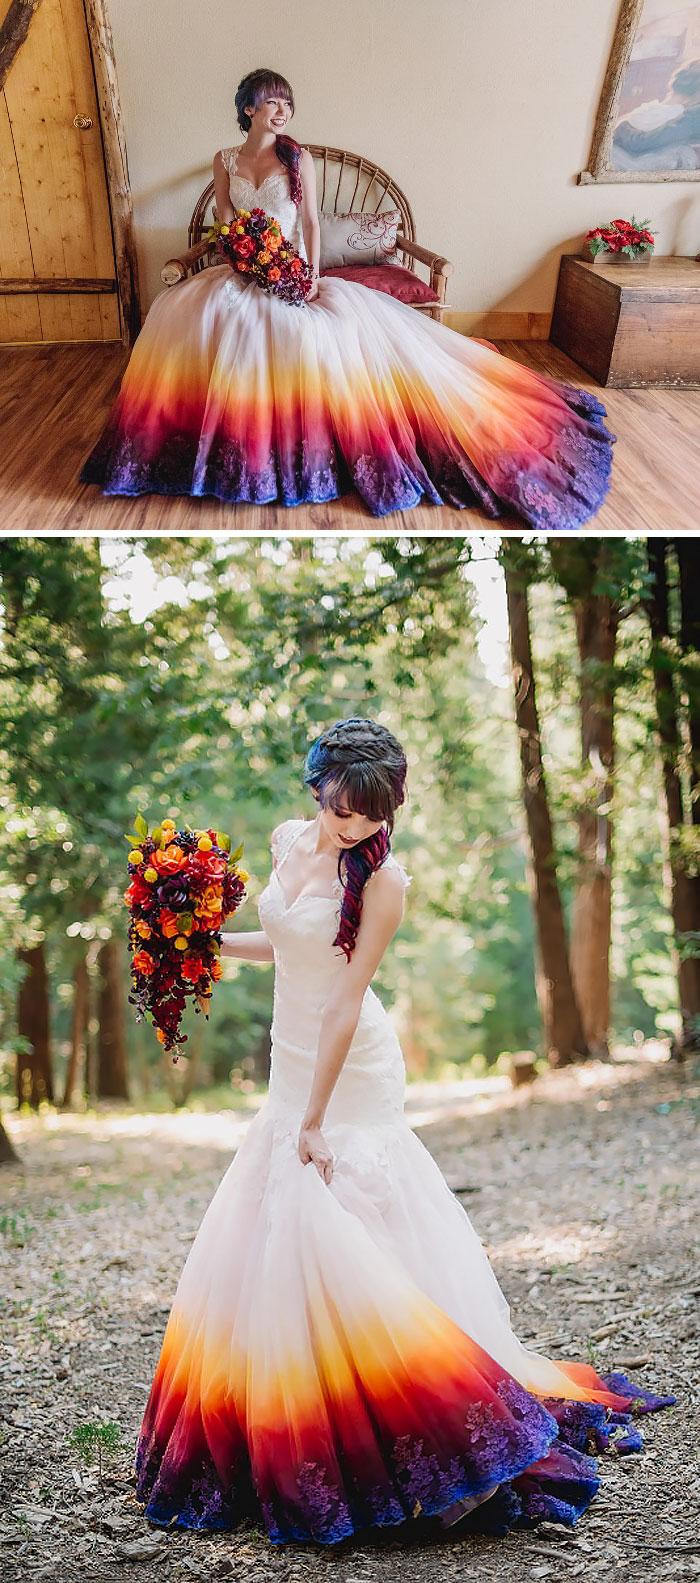 dip-dye-wedding-dress-trend-1-57cdba6b6f80e__700